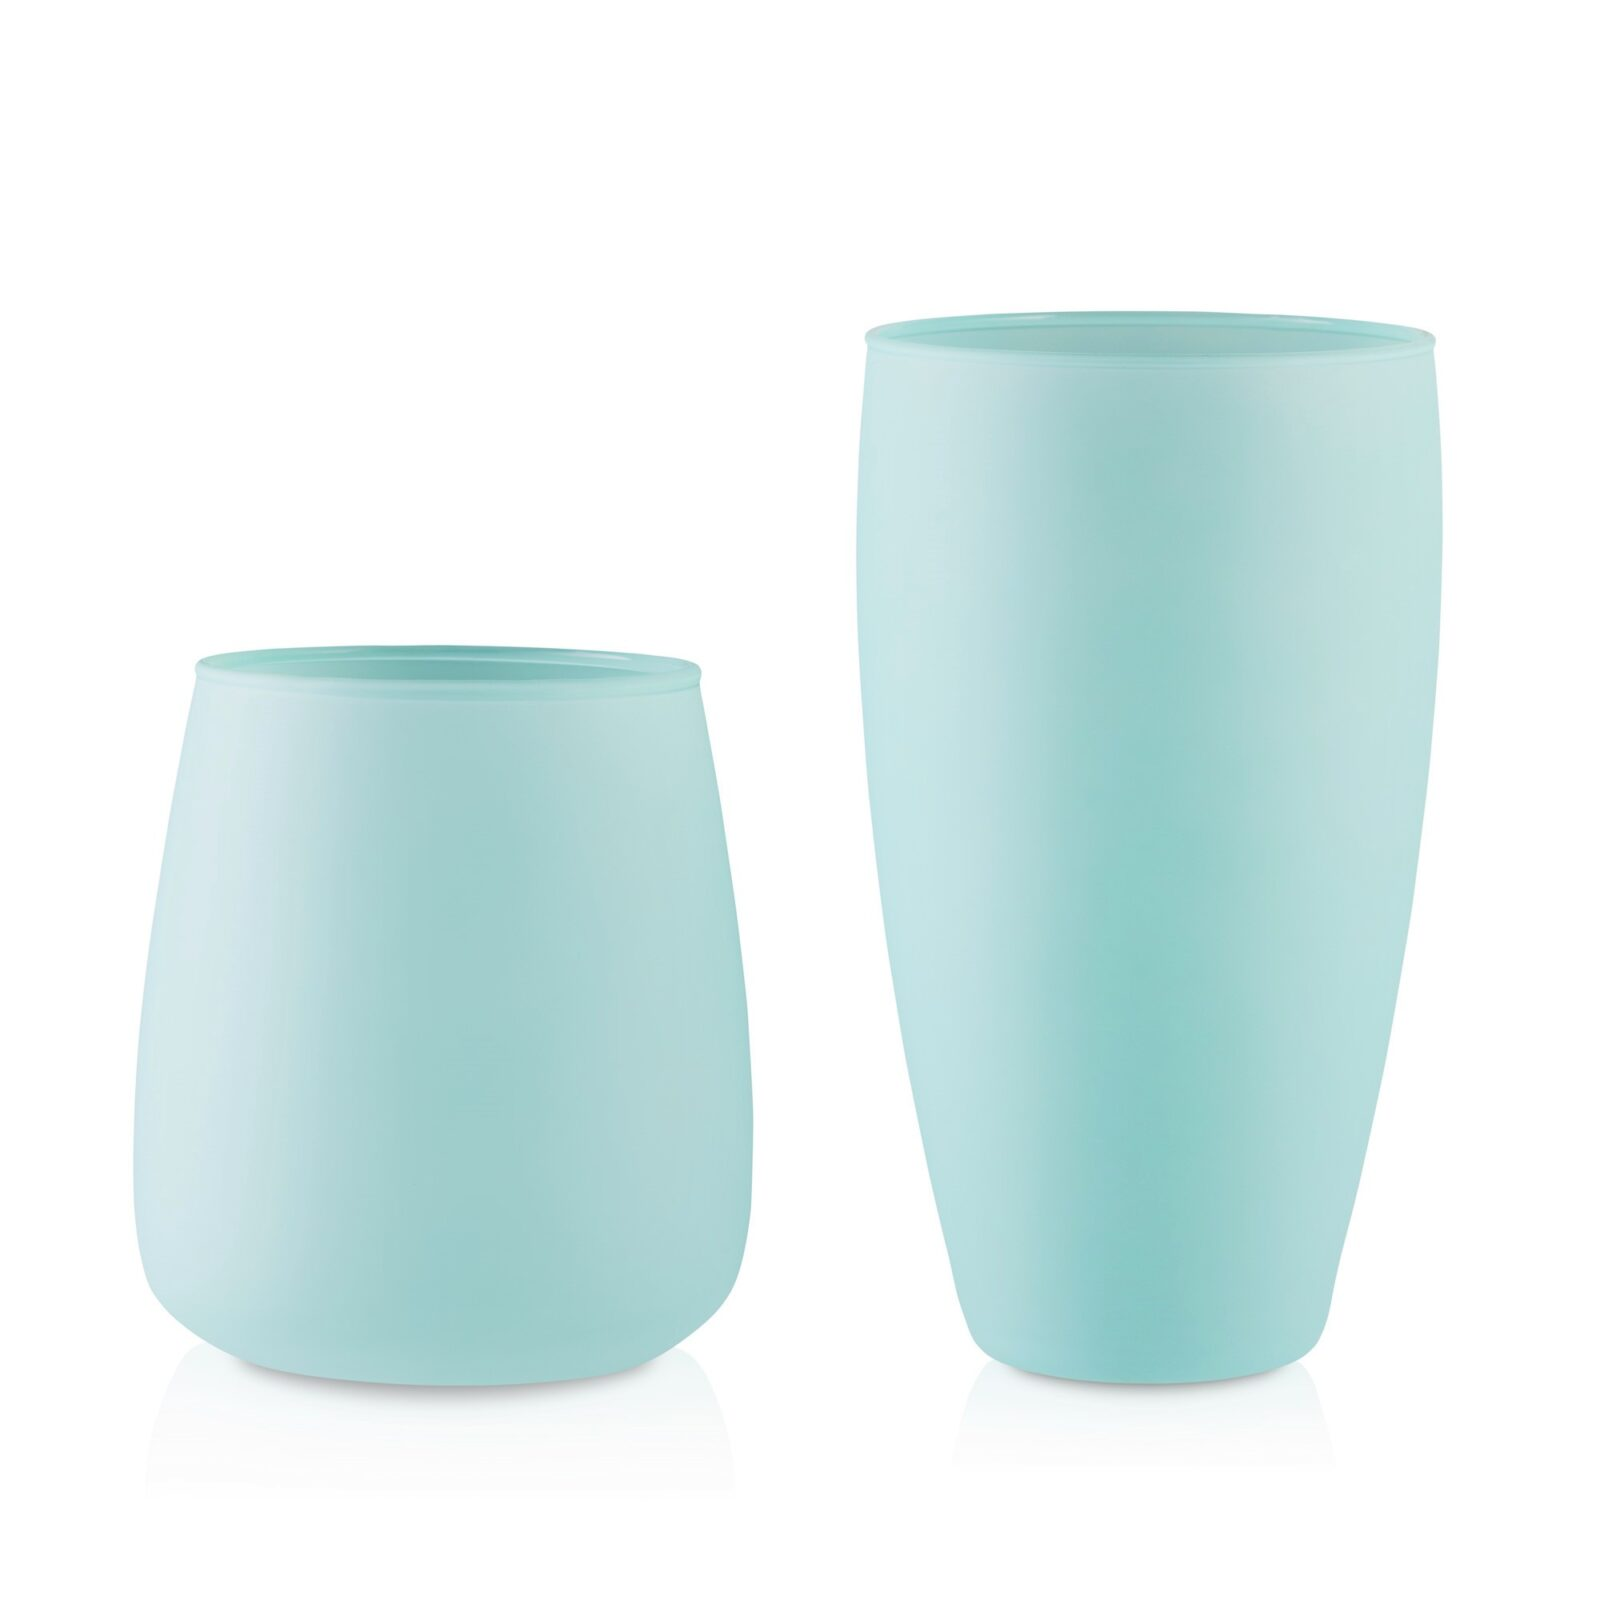 Wazon szklany wiosenny pastelowy miętowy